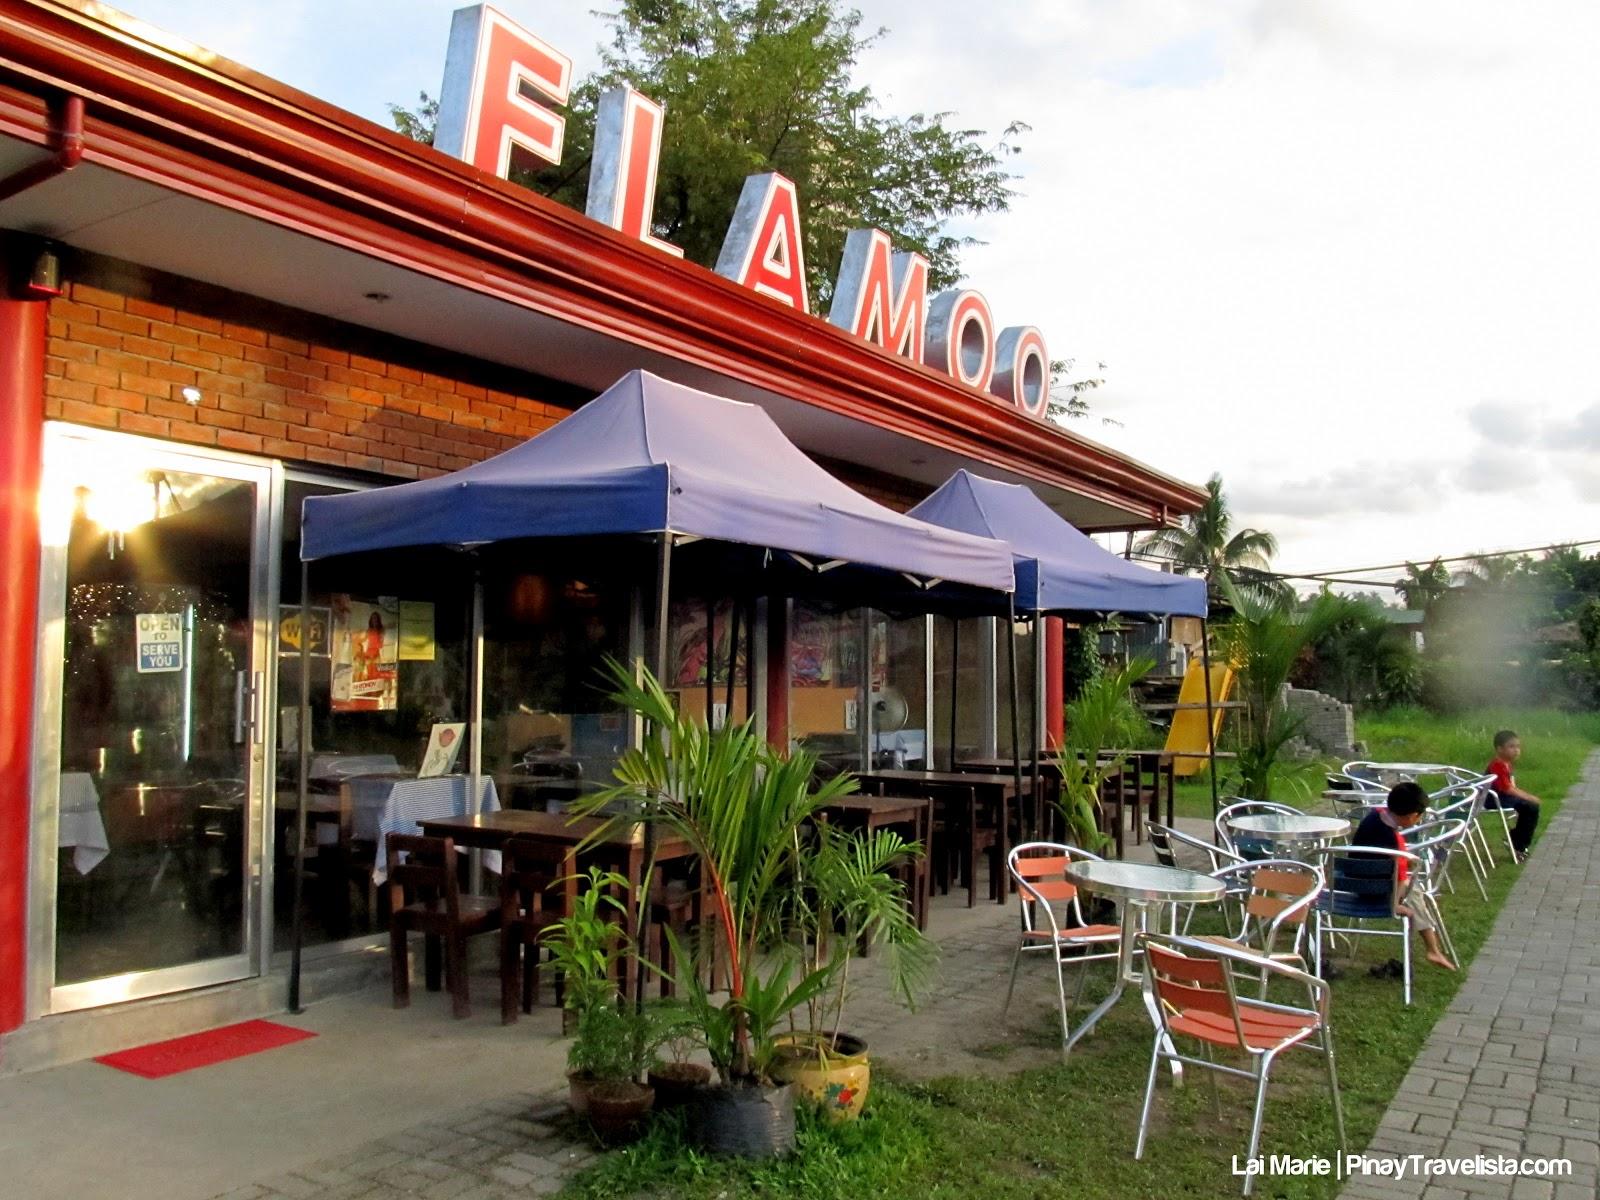 Flamoo in Iligan City